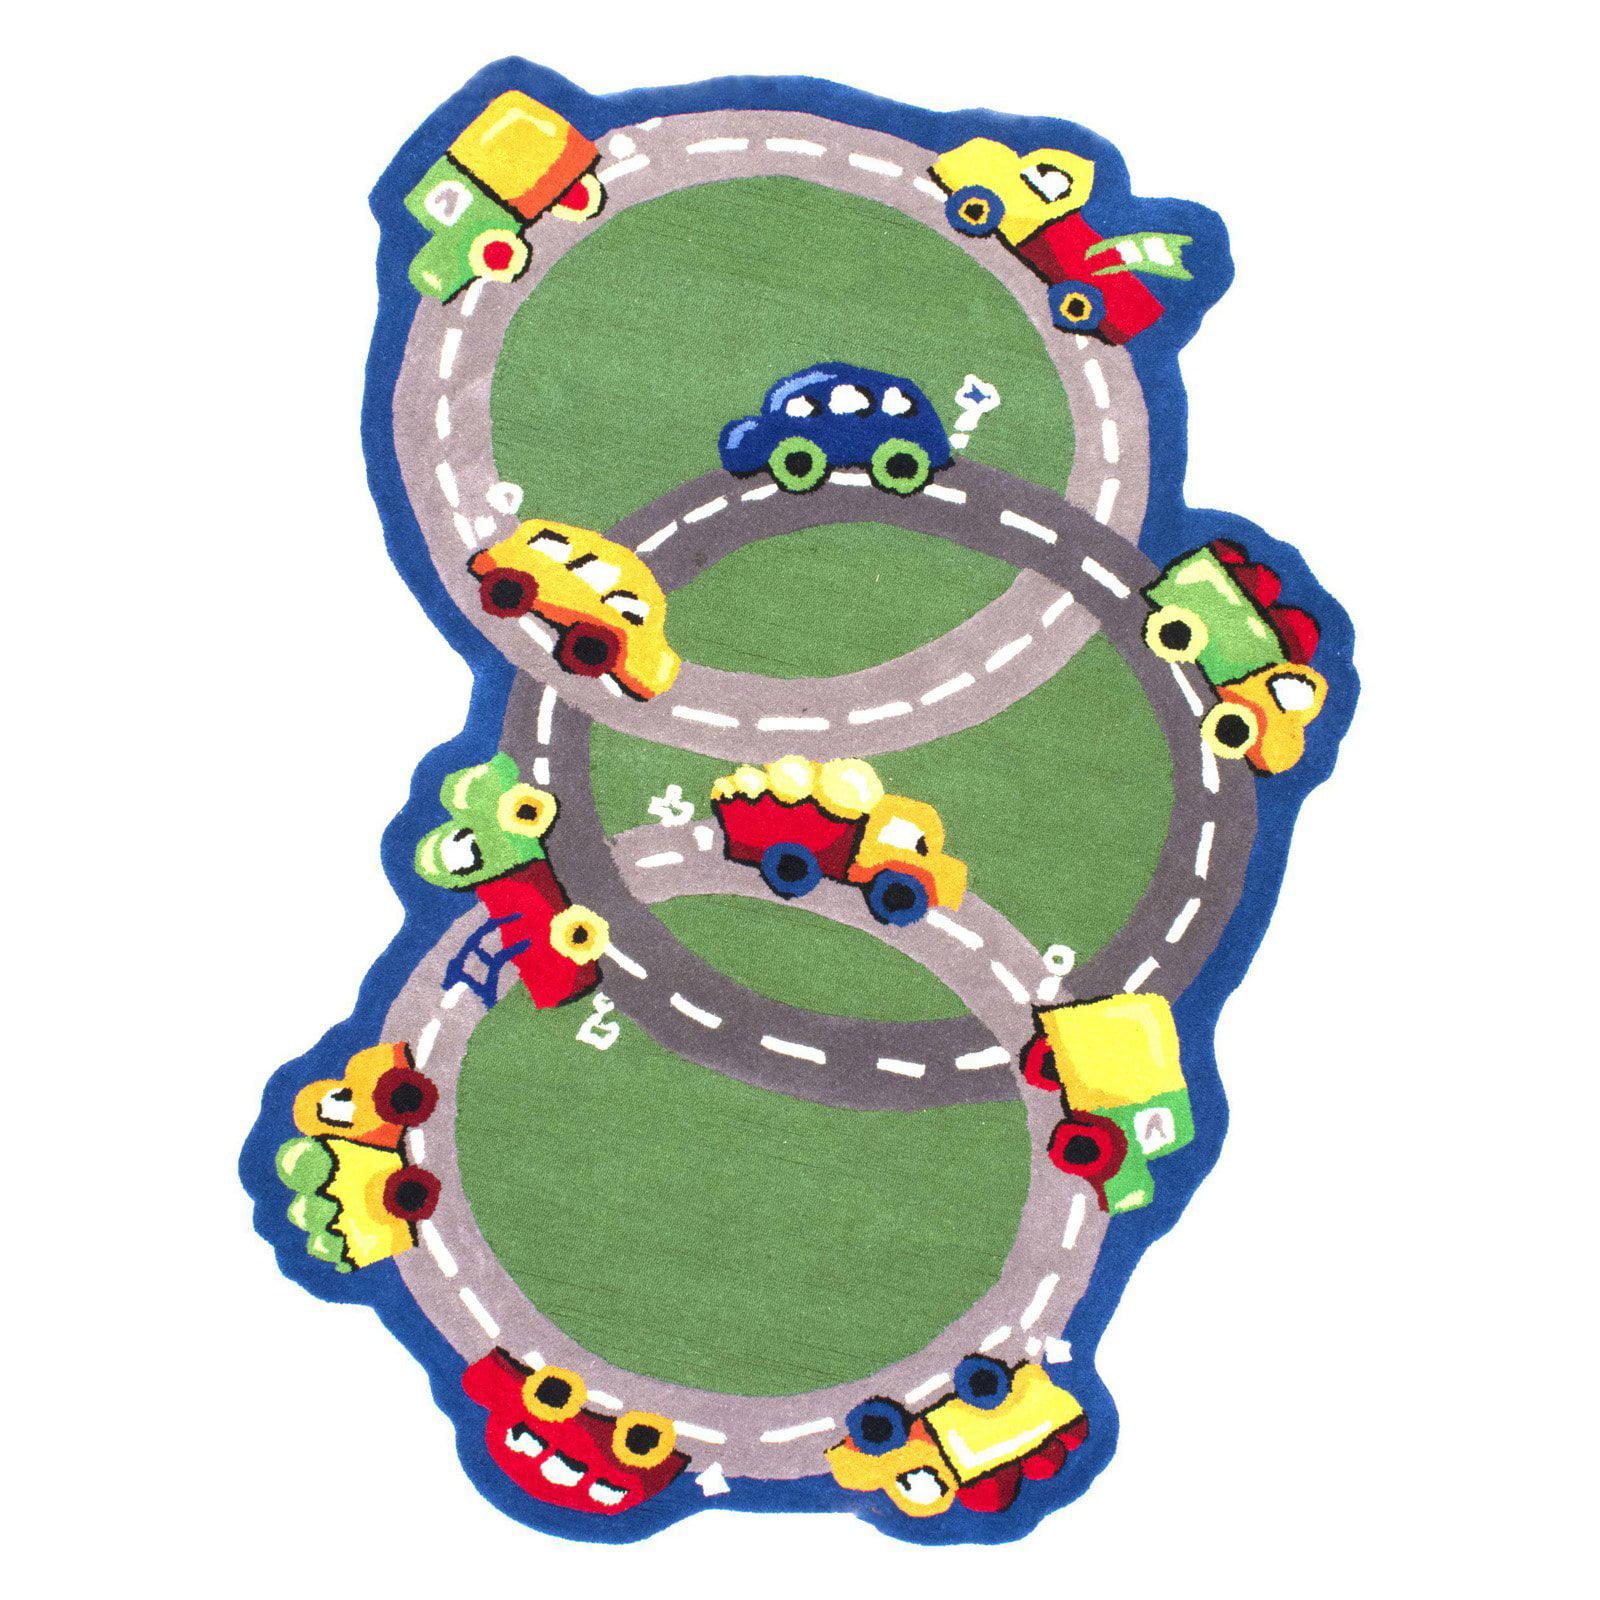 nuLOOM Kinder Traffic Time Green Area Rug